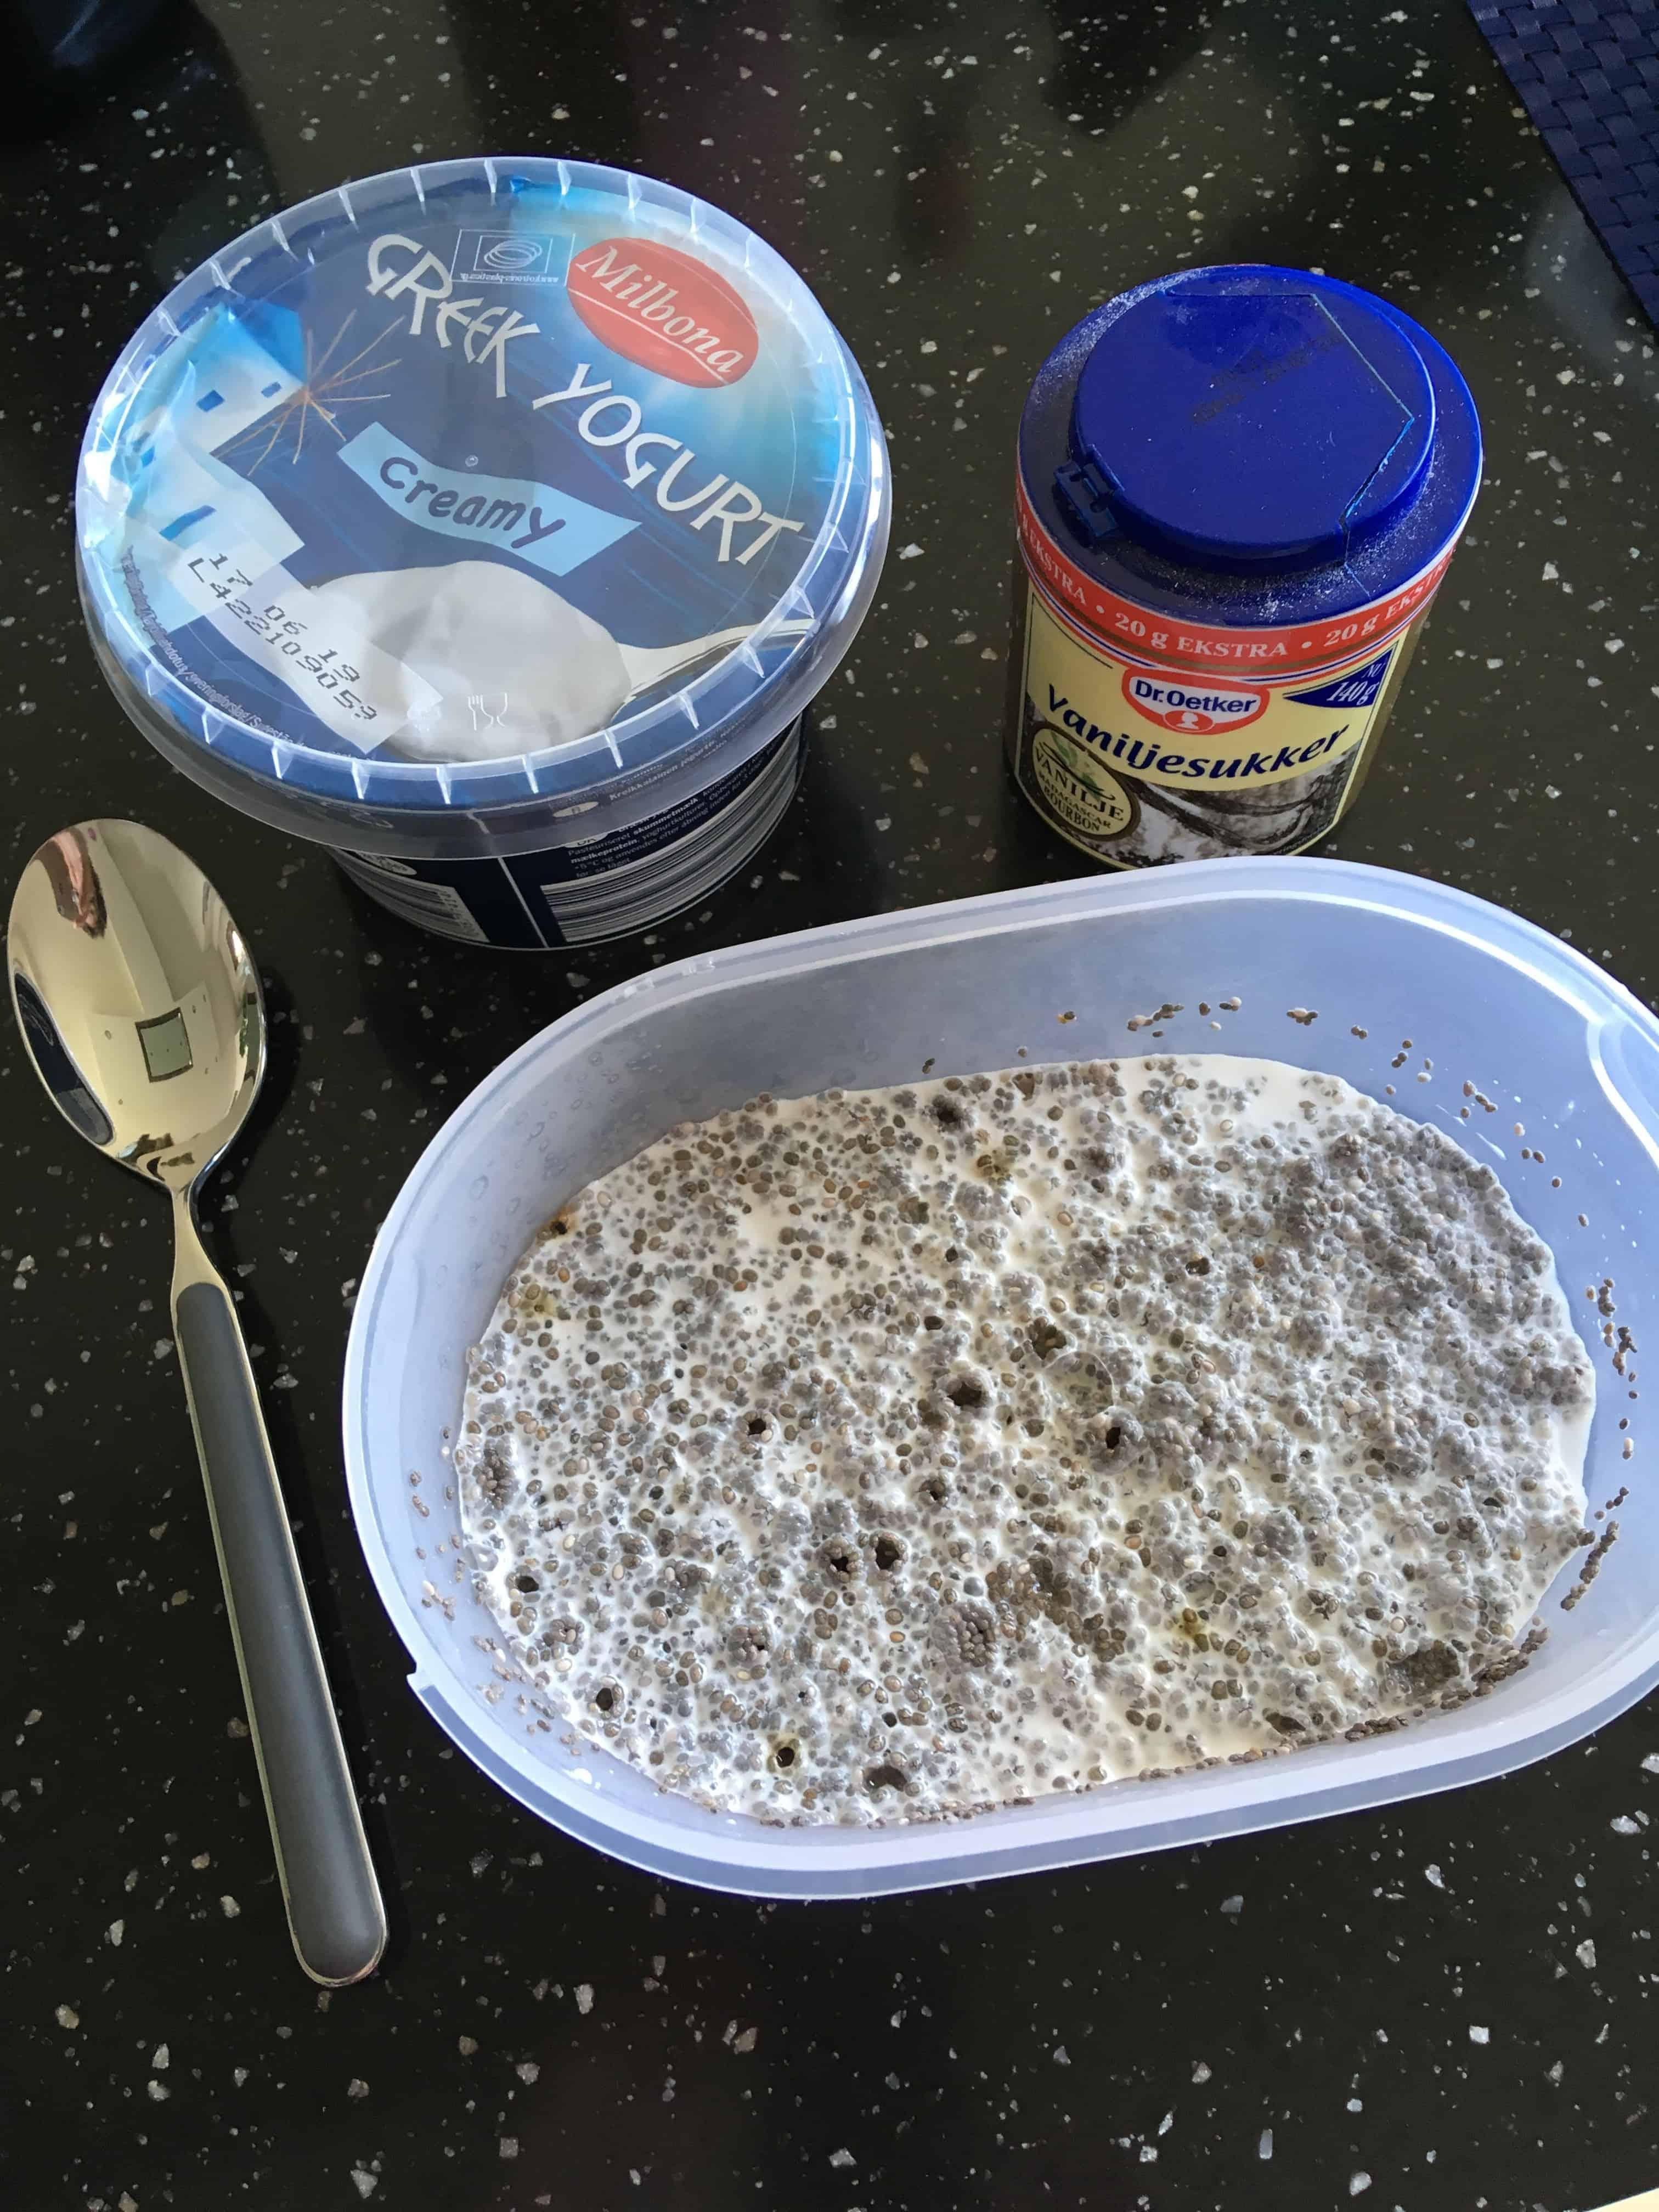 Efter minimun 10-12 timer i købeskabet tilsættes 2 dl græsk yoghurt og vaniljesukker